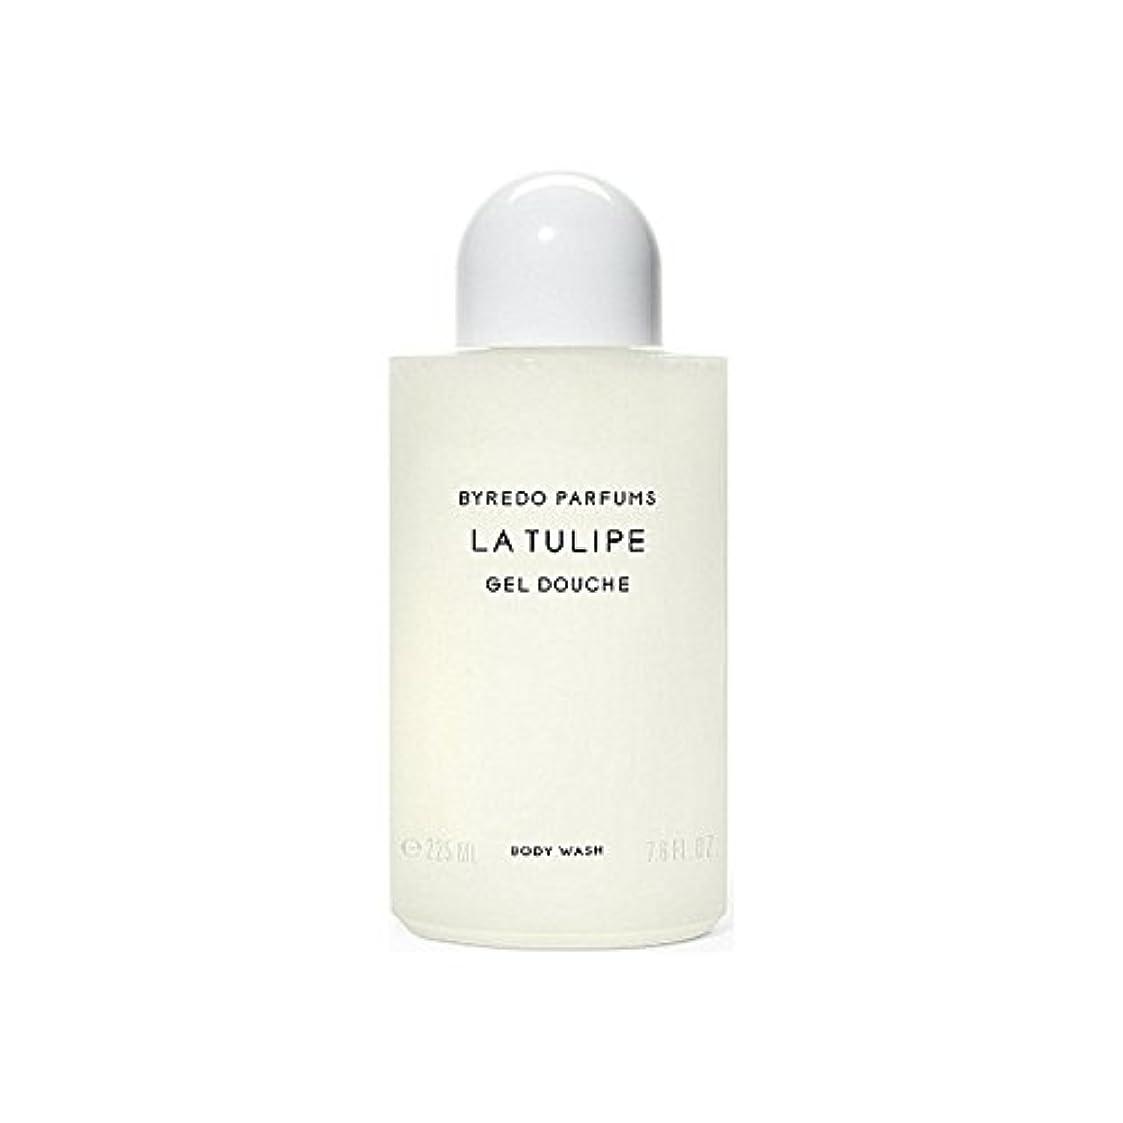 植物学者ピルファーロマンスByredo La Tulipe Body Wash 225ml (Pack of 6) - ラチューリップボディウォッシュ225ミリリットル x6 [並行輸入品]